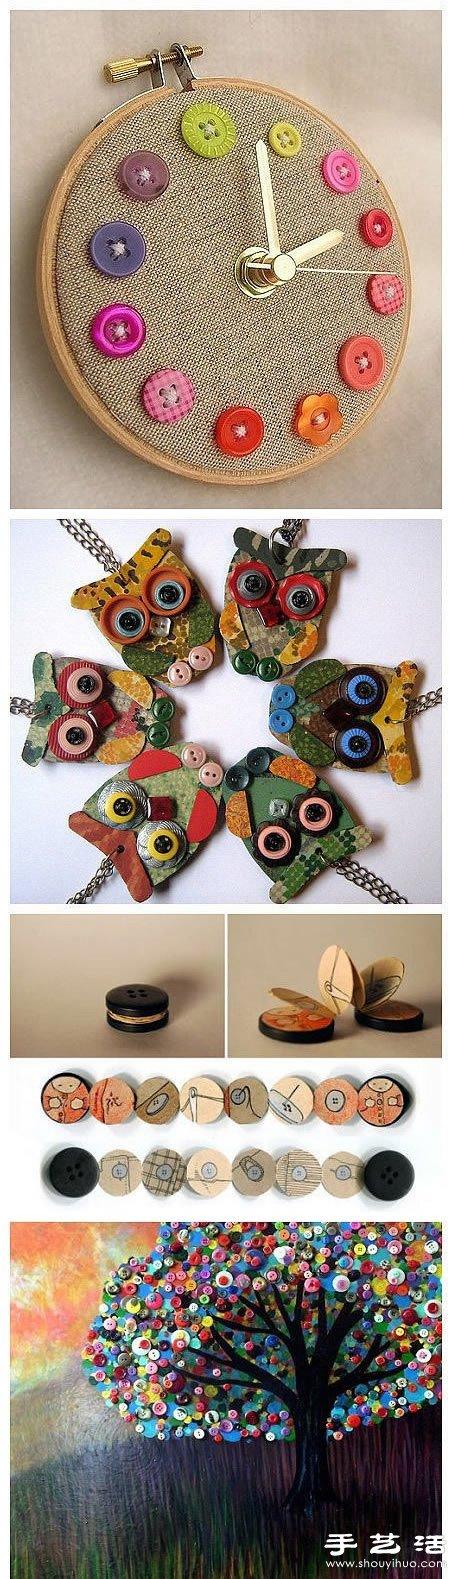 紐扣創意DIY美好手工藝品